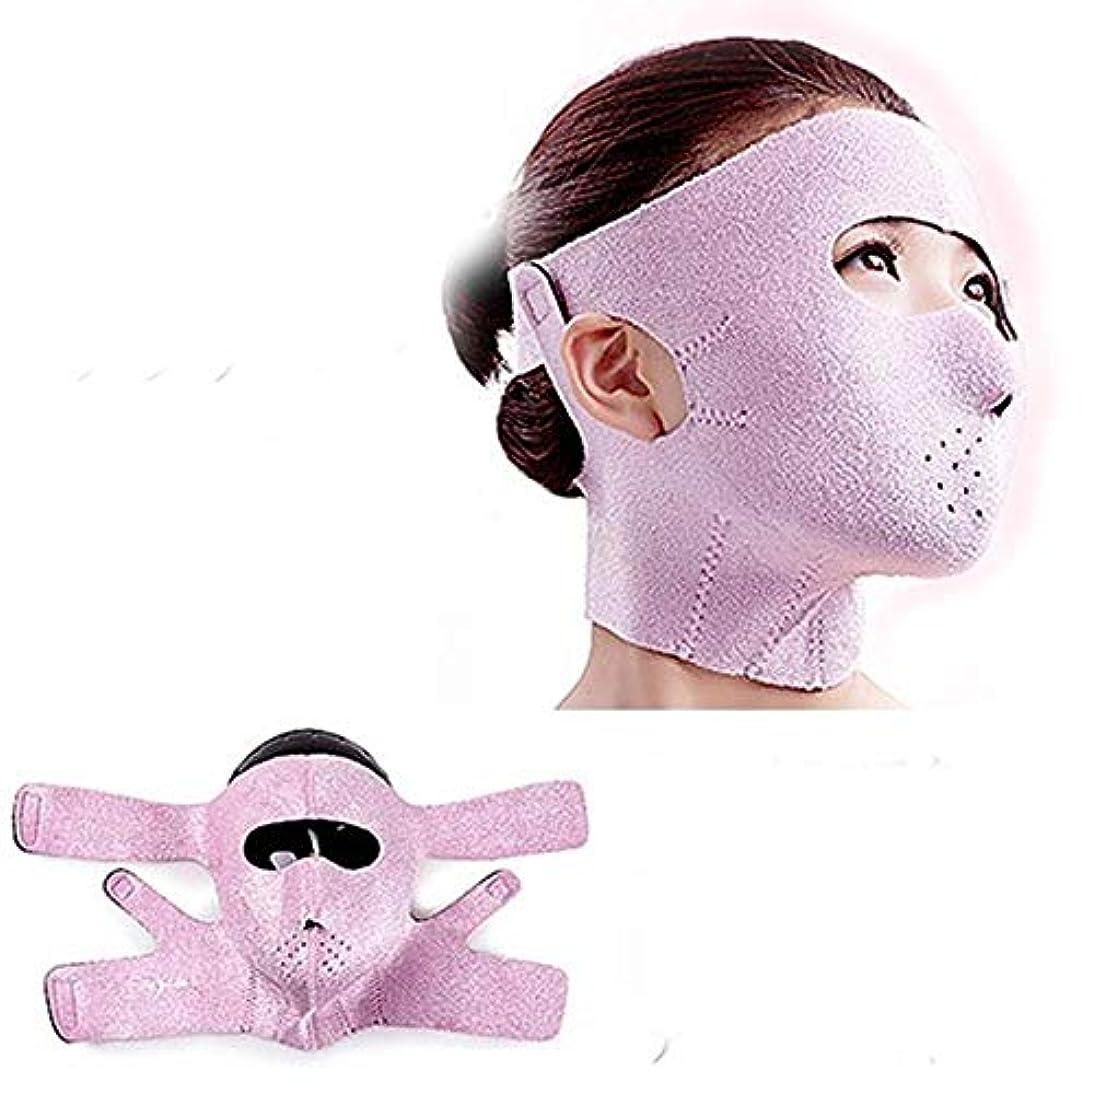 蓄積する内なる帰する小顔 矯正 補正 サウナ マスク サポーター 顔 リフトアップ エステ ダイエット